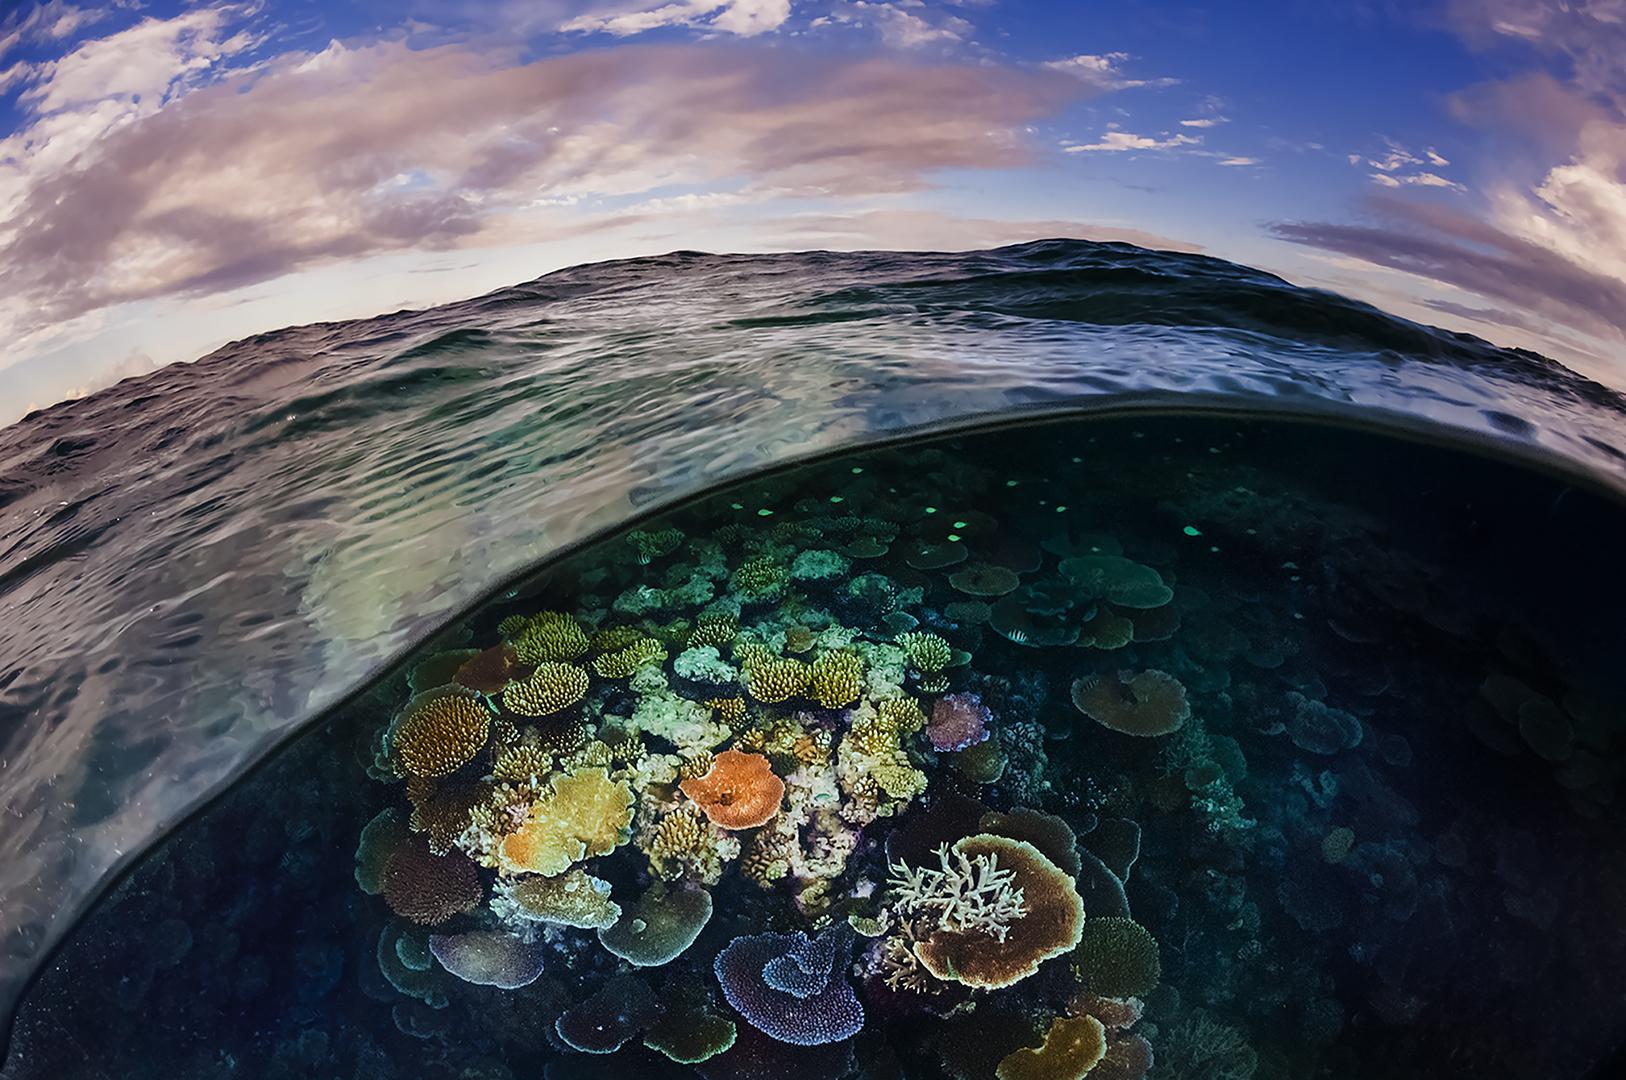 Récif révélé. Une vague se brise en révélant une plateforme corallienne colorée sur le récif d'Opale sur la Grande Barrière de Port Douglas, en Australie. Malheureusement, ces coraux ont péri peu à peu lors de vagues de blanchissement survenues à l'occasion des hausses de la température de l'océan en 2016 et 2017, provoquant ainsi du stress et la perte de leur algue symbiotique. Les années consécutives de stress thermique ont provoqué une mortalité élevée des récifs de la Grand Barrière.